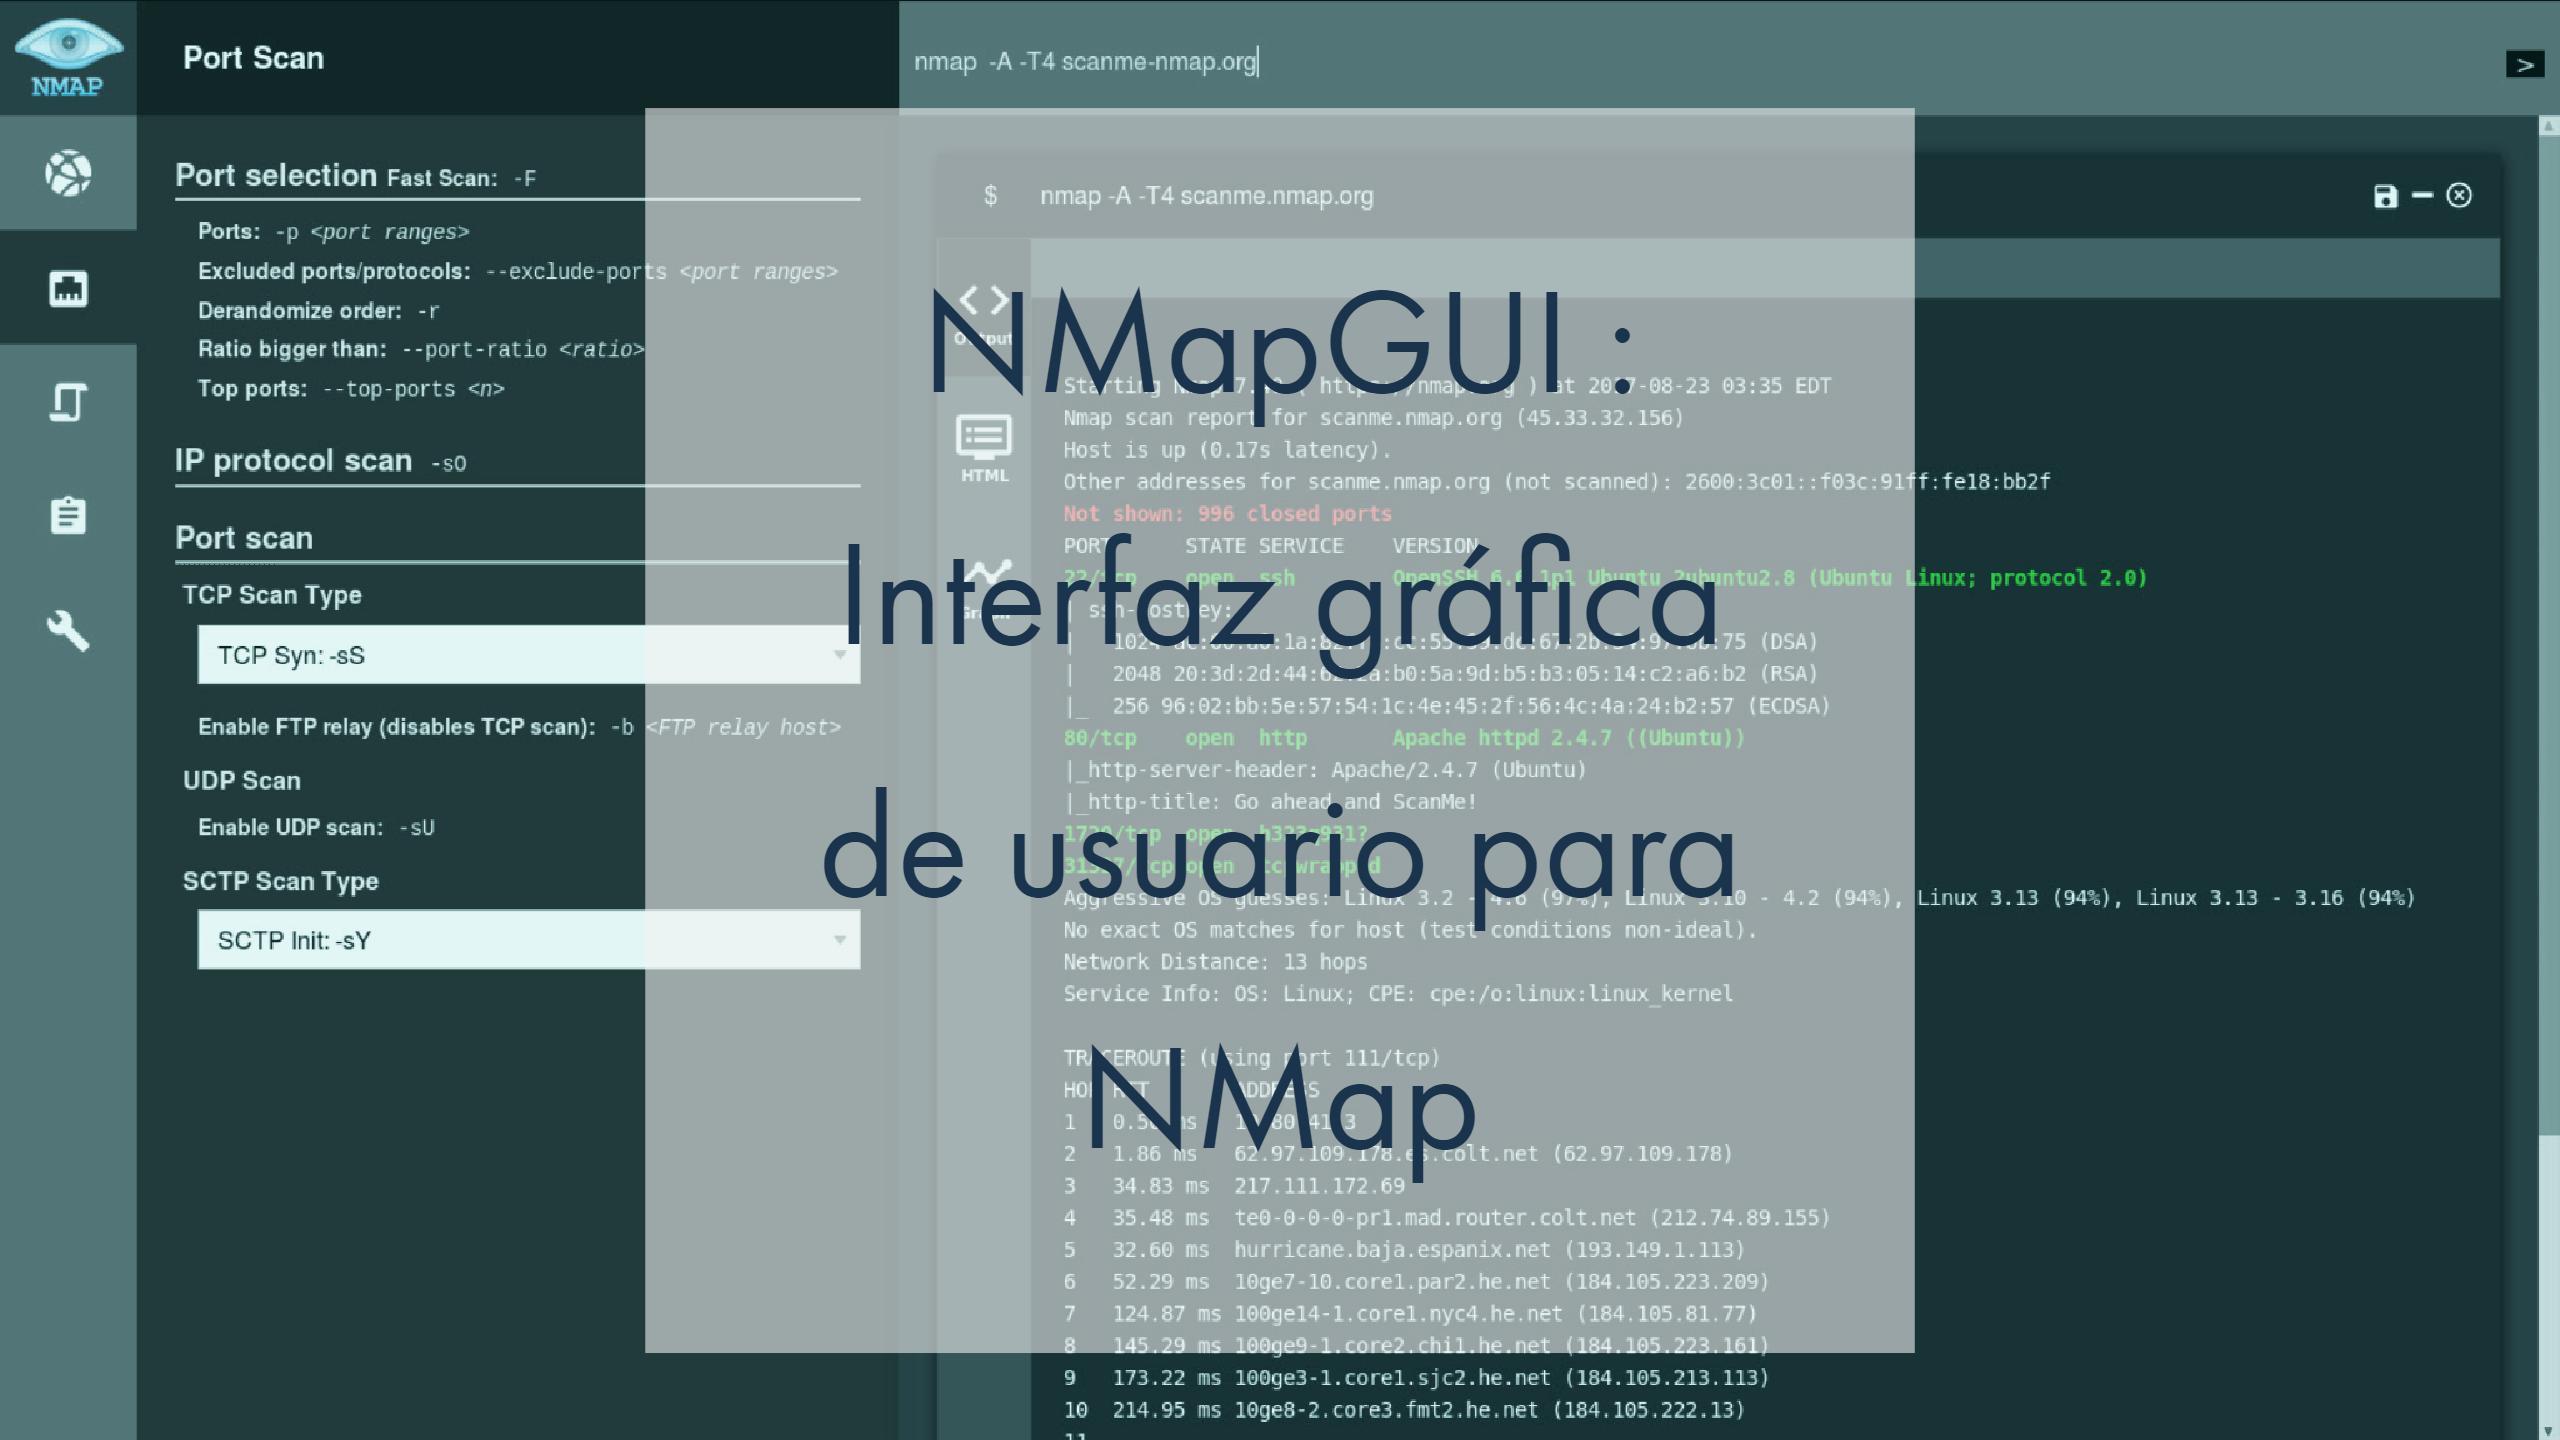 NMapGUI : Interfaz gráfica de usuario para NMap